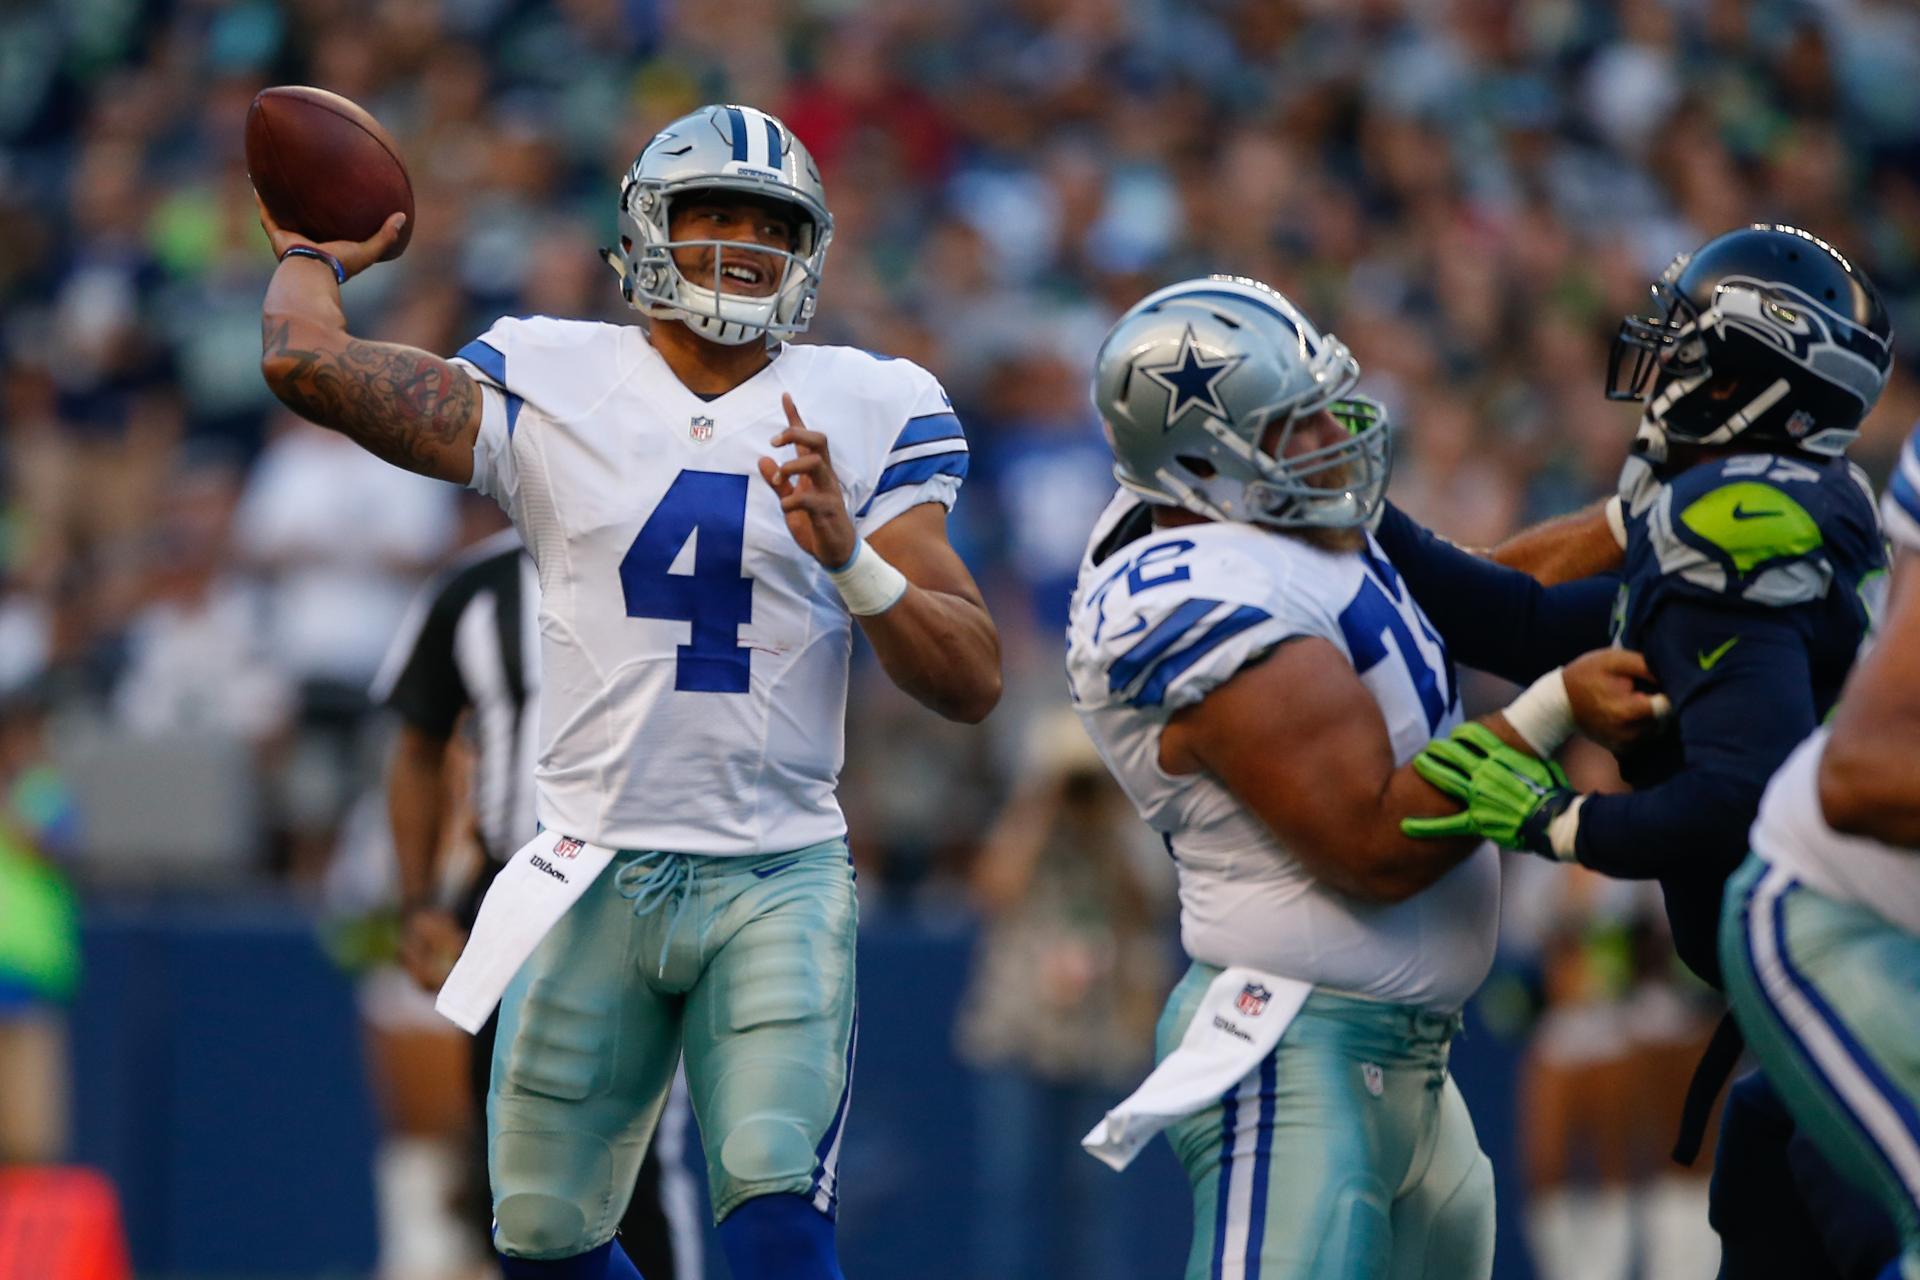 Cowboys Headlines - Who Benefits Most With Dak Prescott At Quarterback?